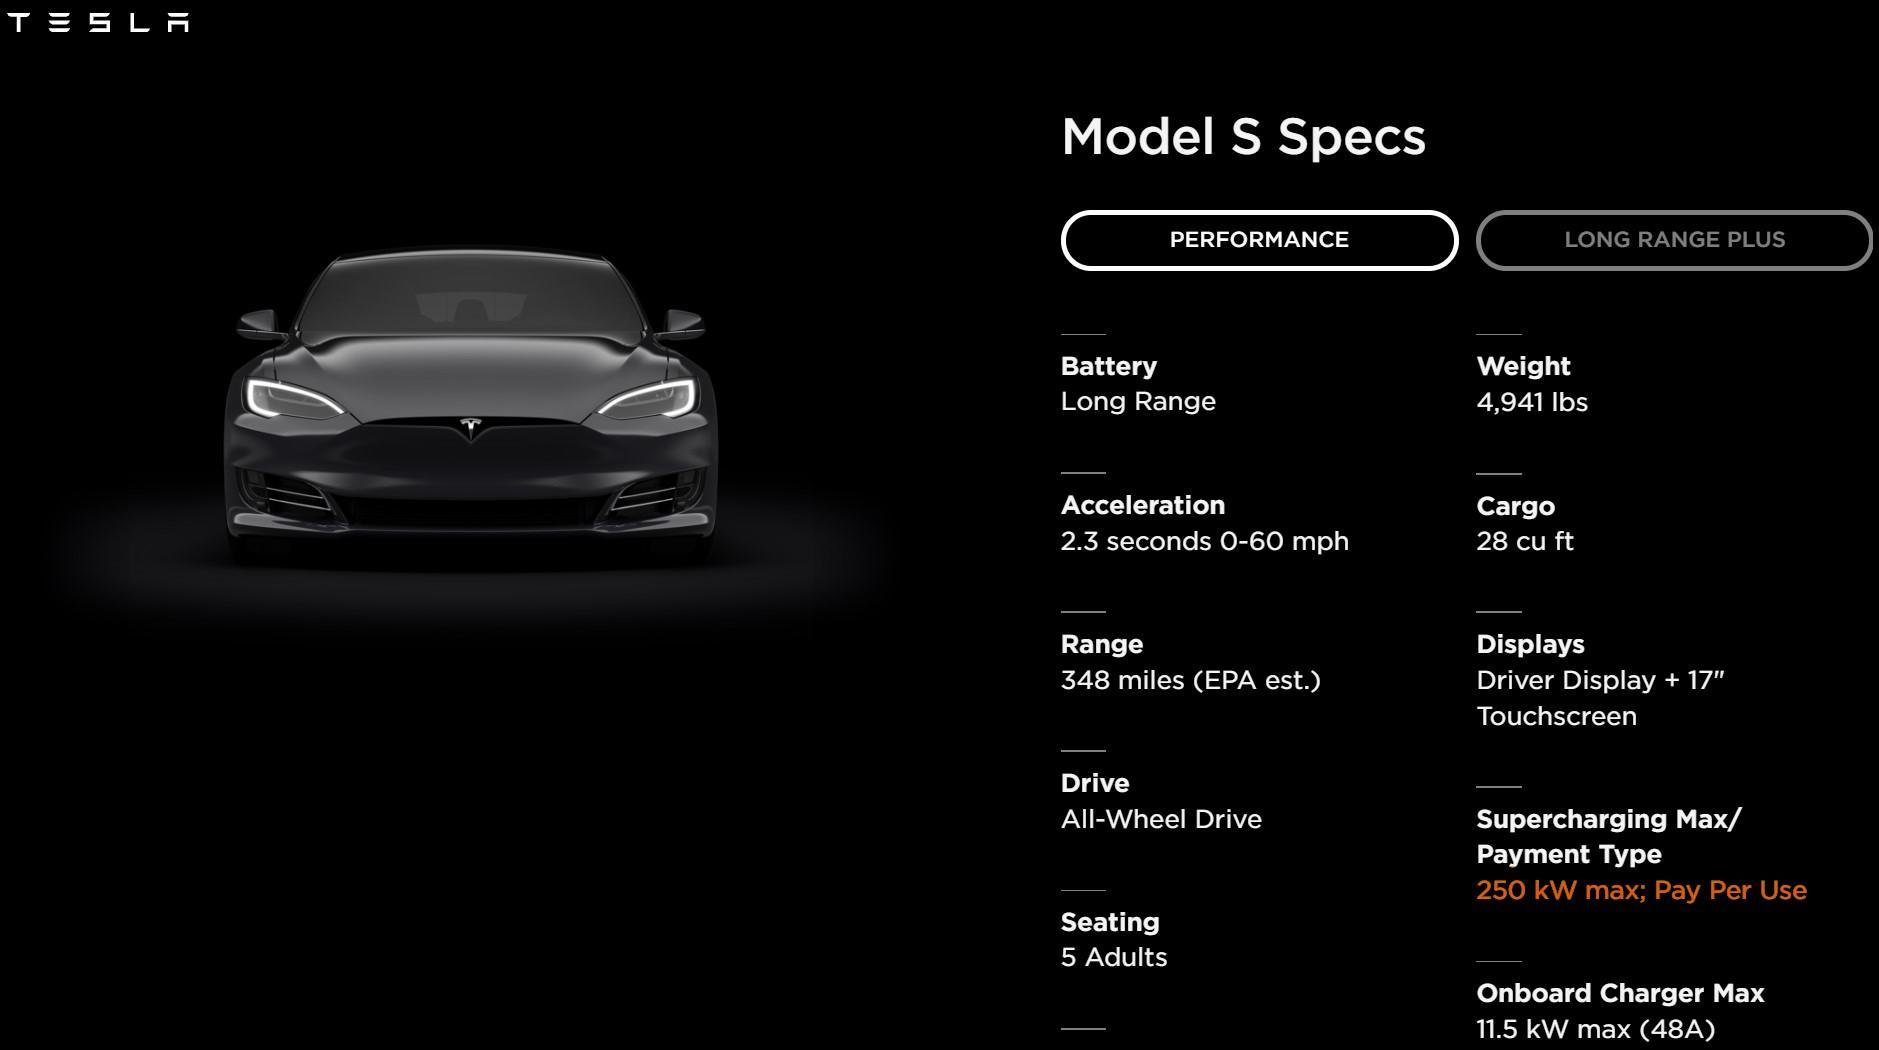 Tesla Model S 250 Kw Charge